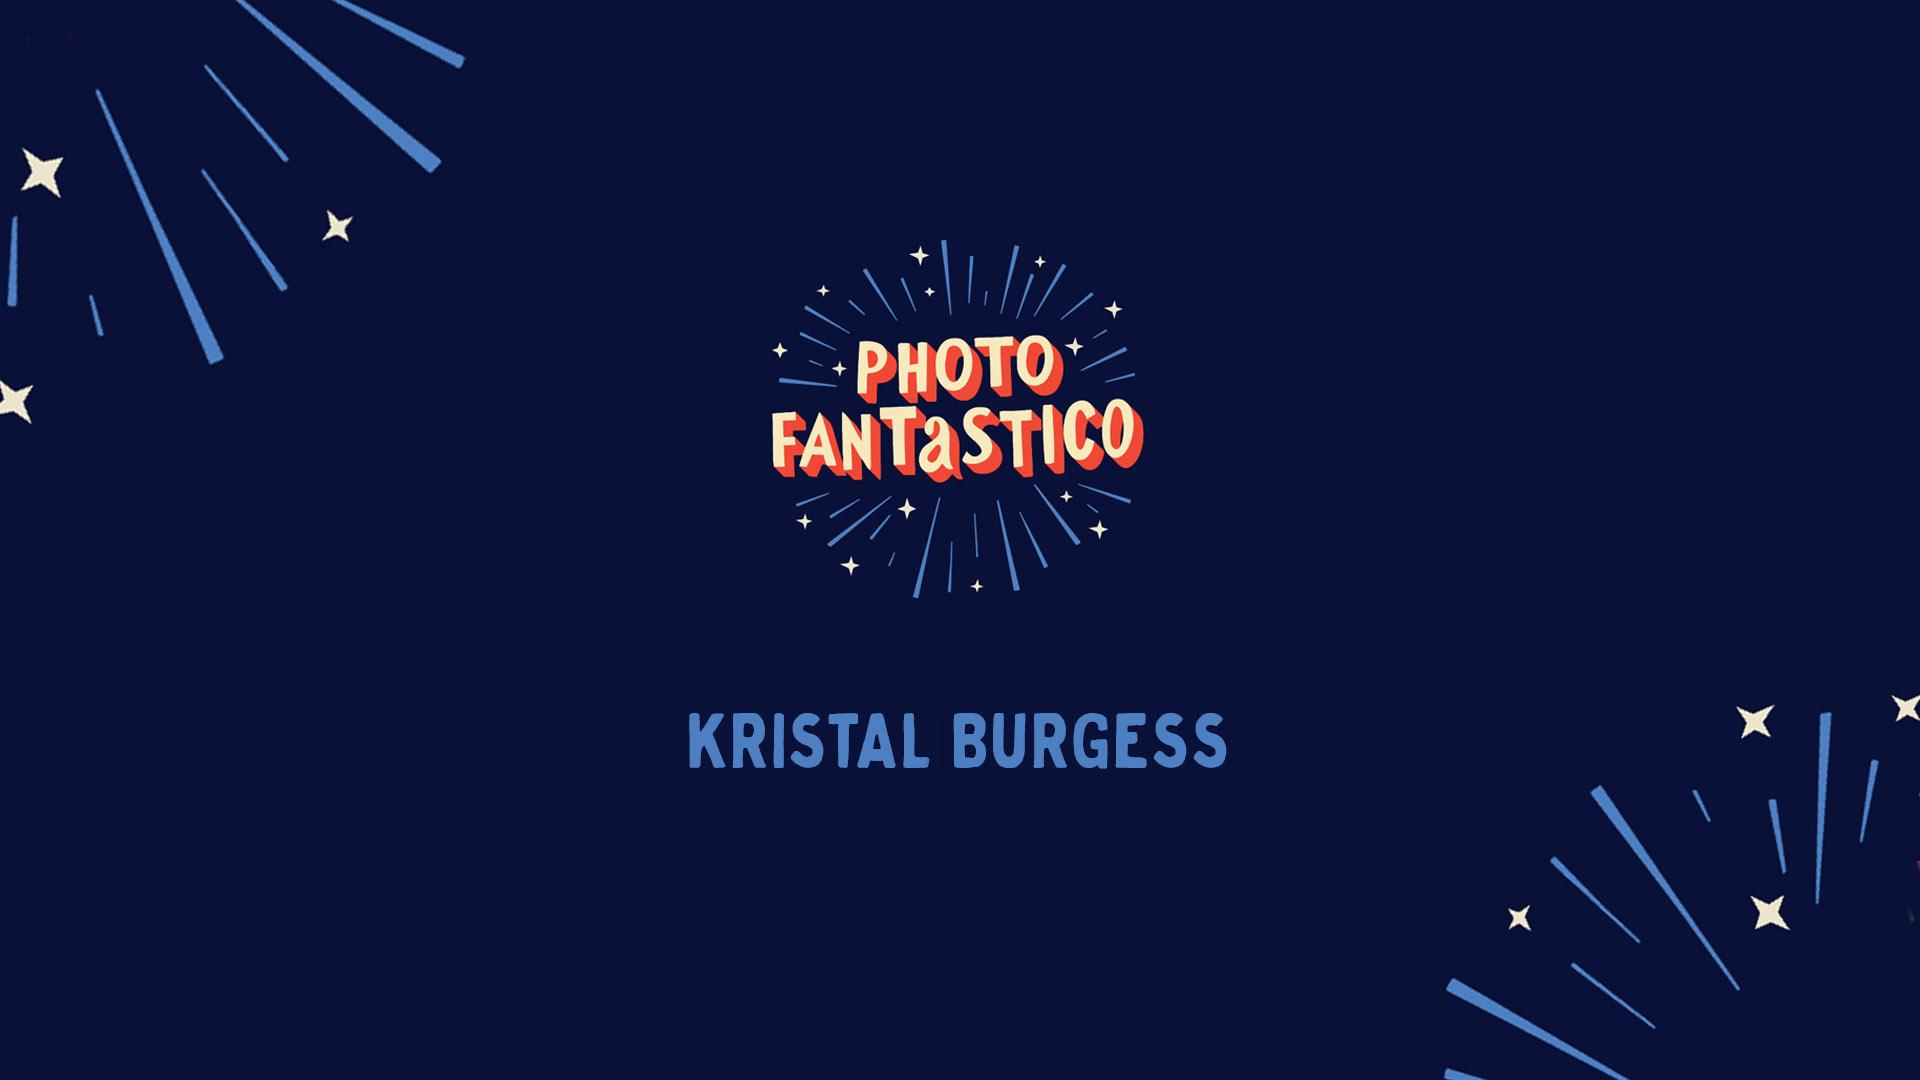 Kristal Burgess